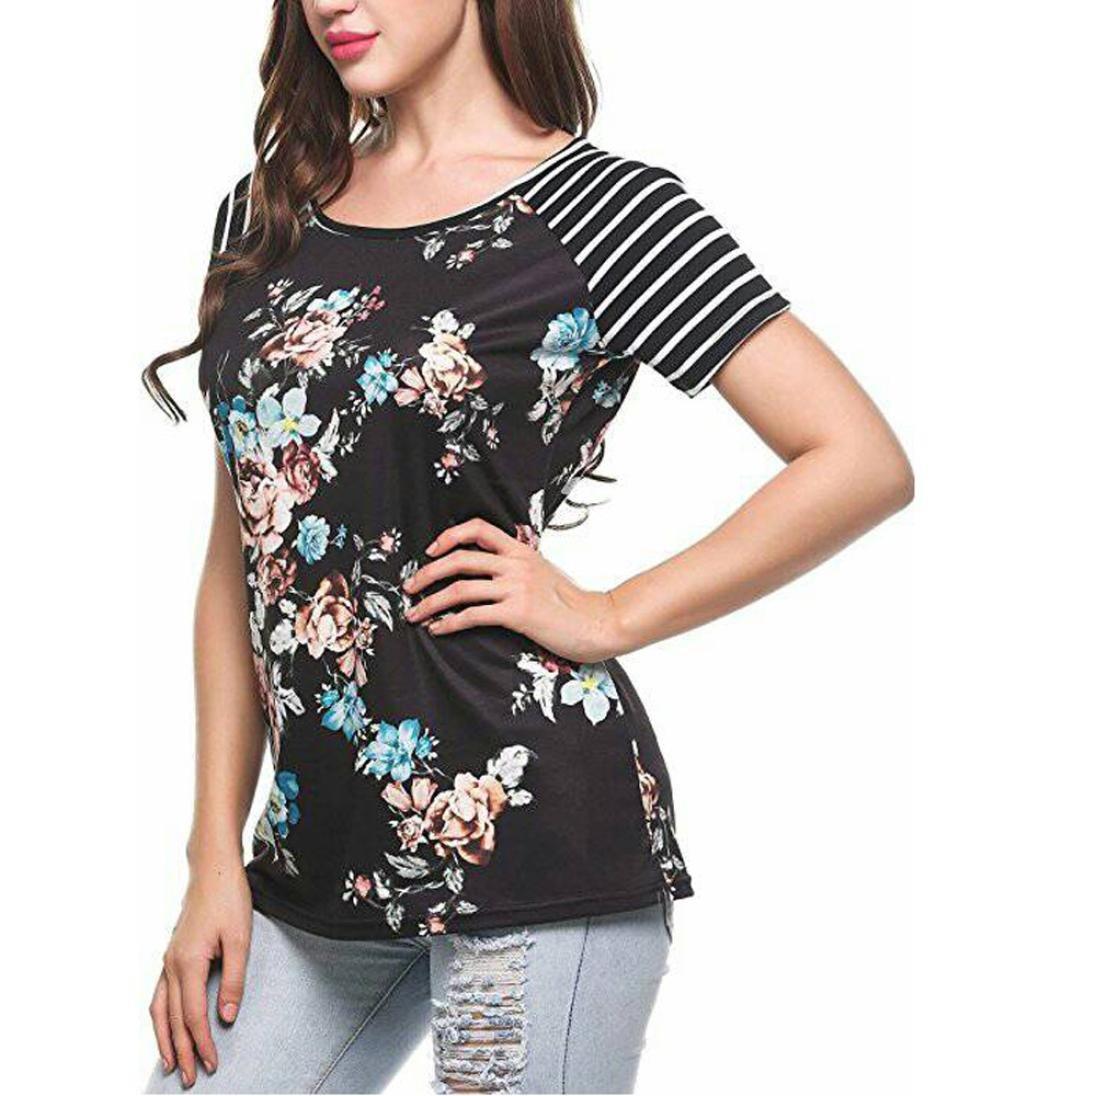 LILICAT® Camisetas Verano de mujer, 2018 Camiseta de moda Talla grande Flor estampada Manga corta con cuello redondo Blusas básicas Camiseta Desigual Blusa: ...